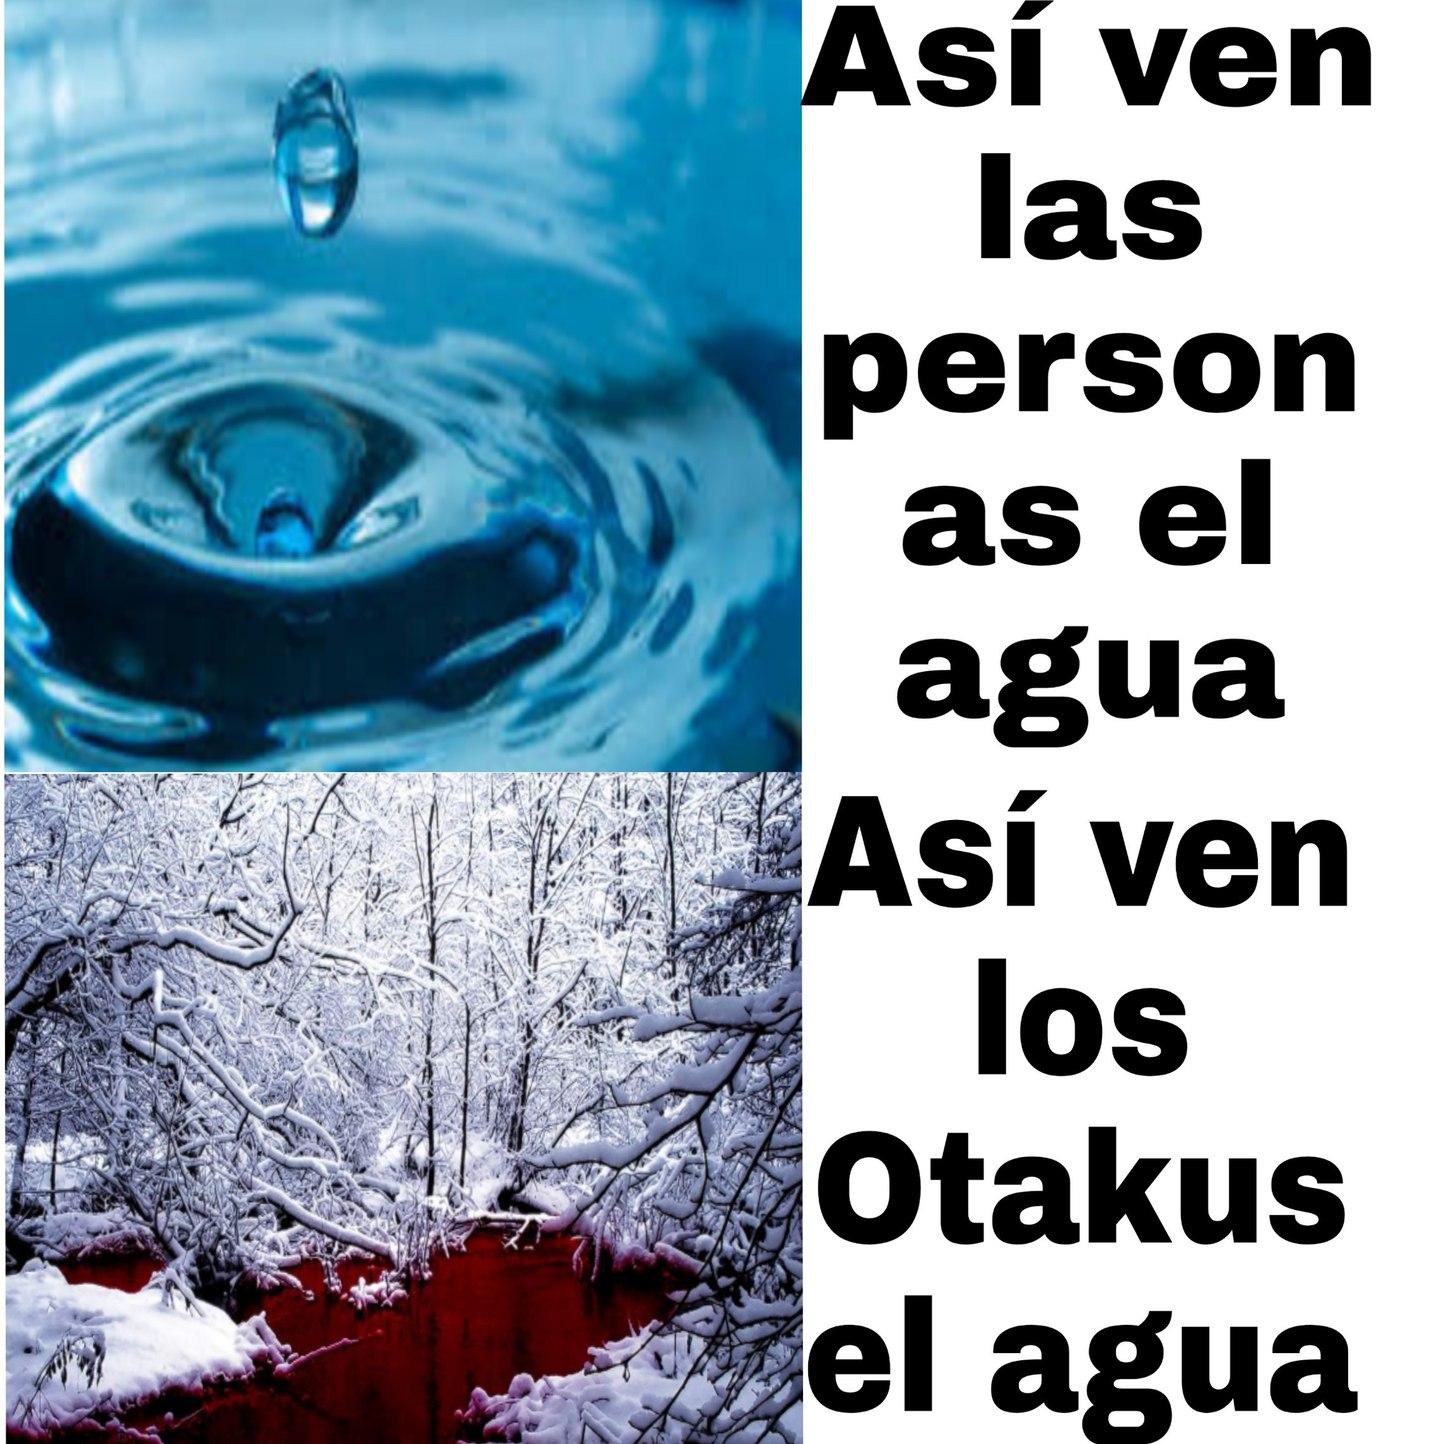 Tipo de otaku (no se ofendan) - meme